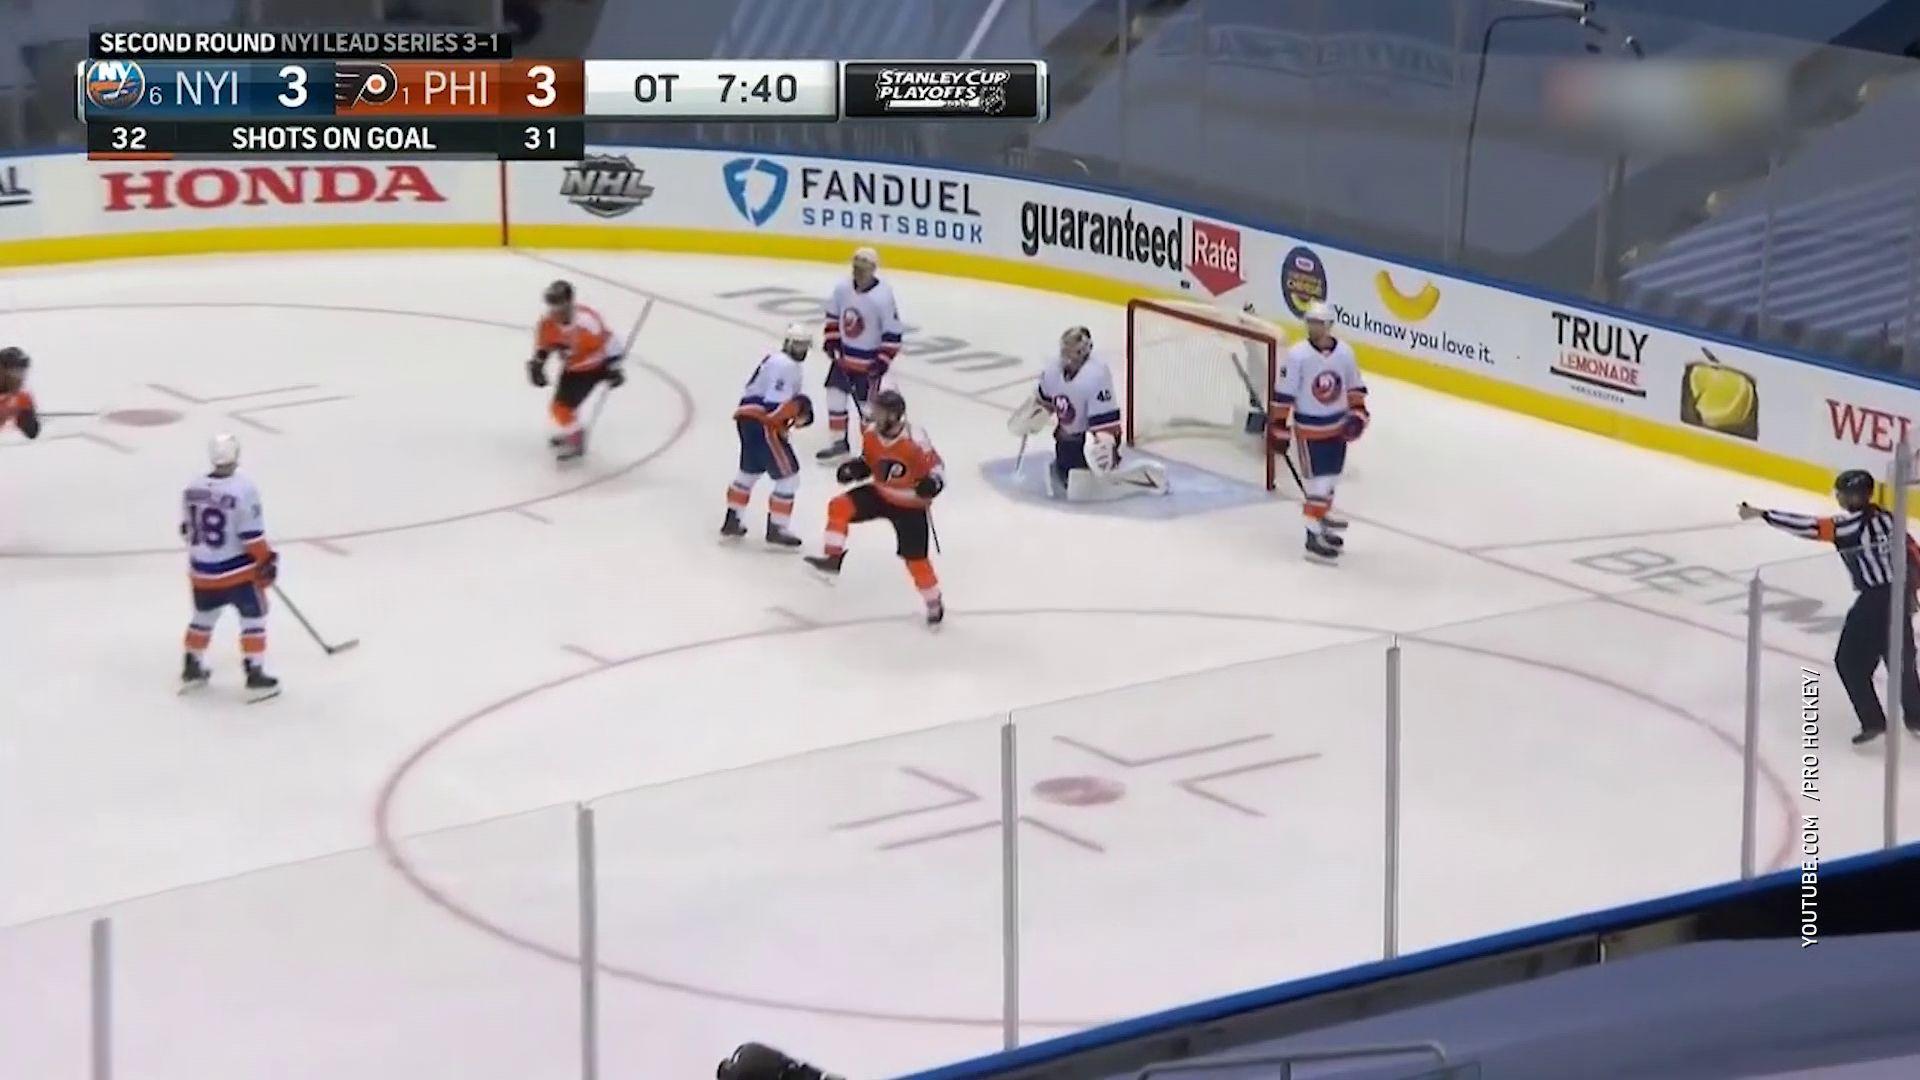 Благодаря ярославцу «Филадельфия» осталась в серии НХЛ